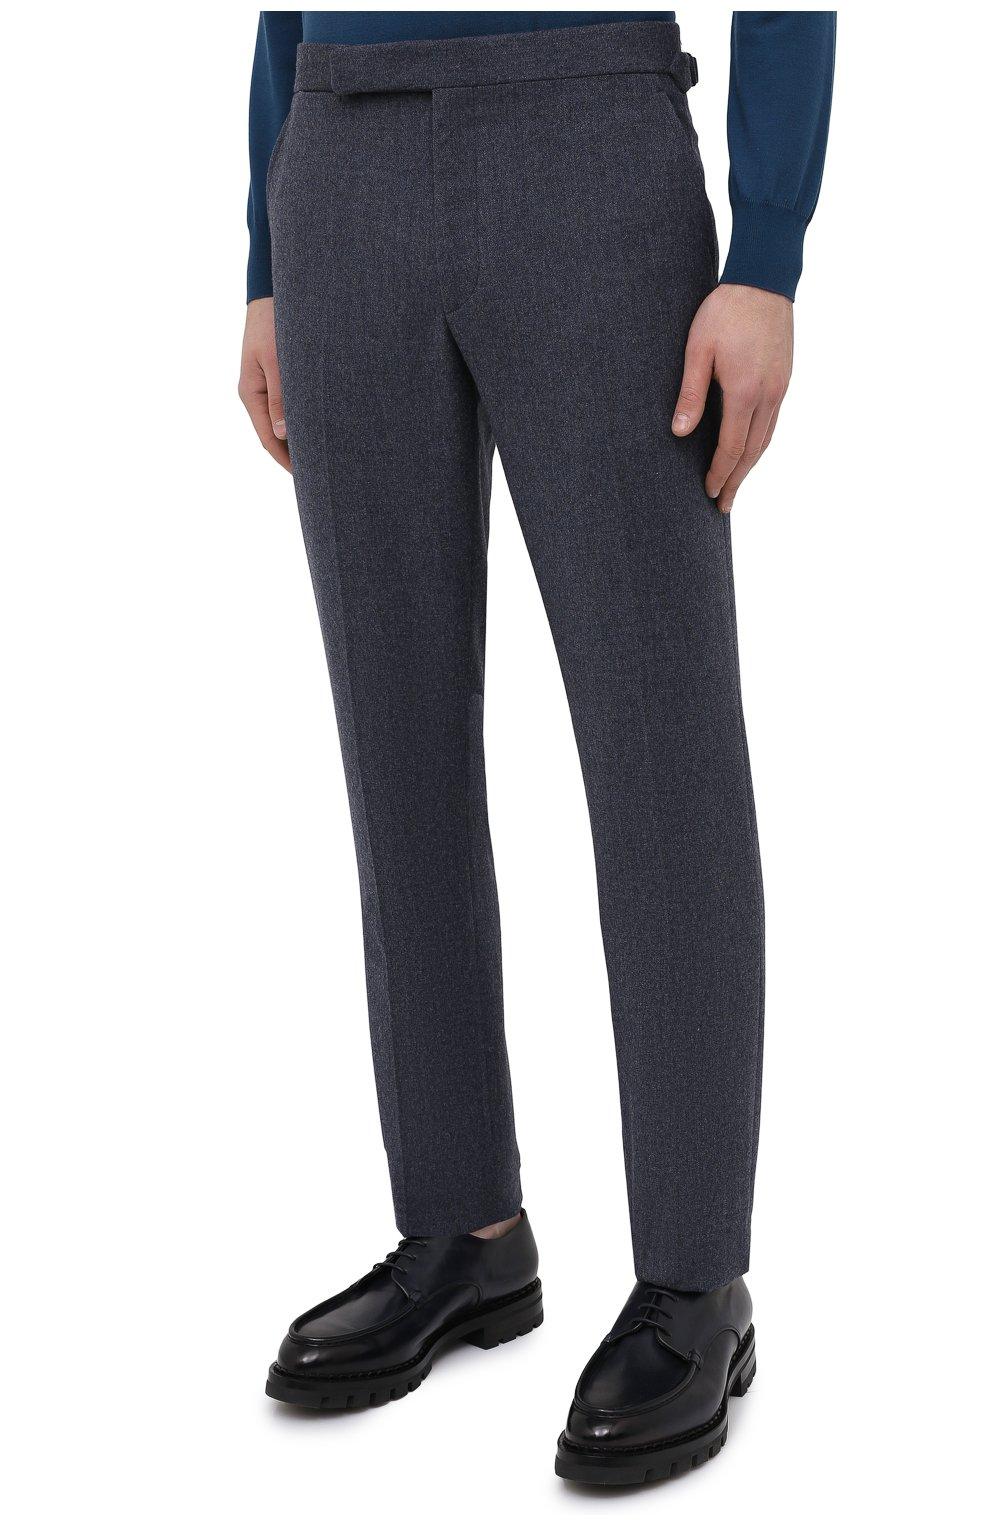 Мужские брюки из шерсти и хлопка RALPH LAUREN синего цвета, арт. 798804746   Фото 3 (Материал внешний: Шерсть; Длина (брюки, джинсы): Стандартные; Случай: Повседневный; Материал подклада: Вискоза; Стили: Кэжуэл)